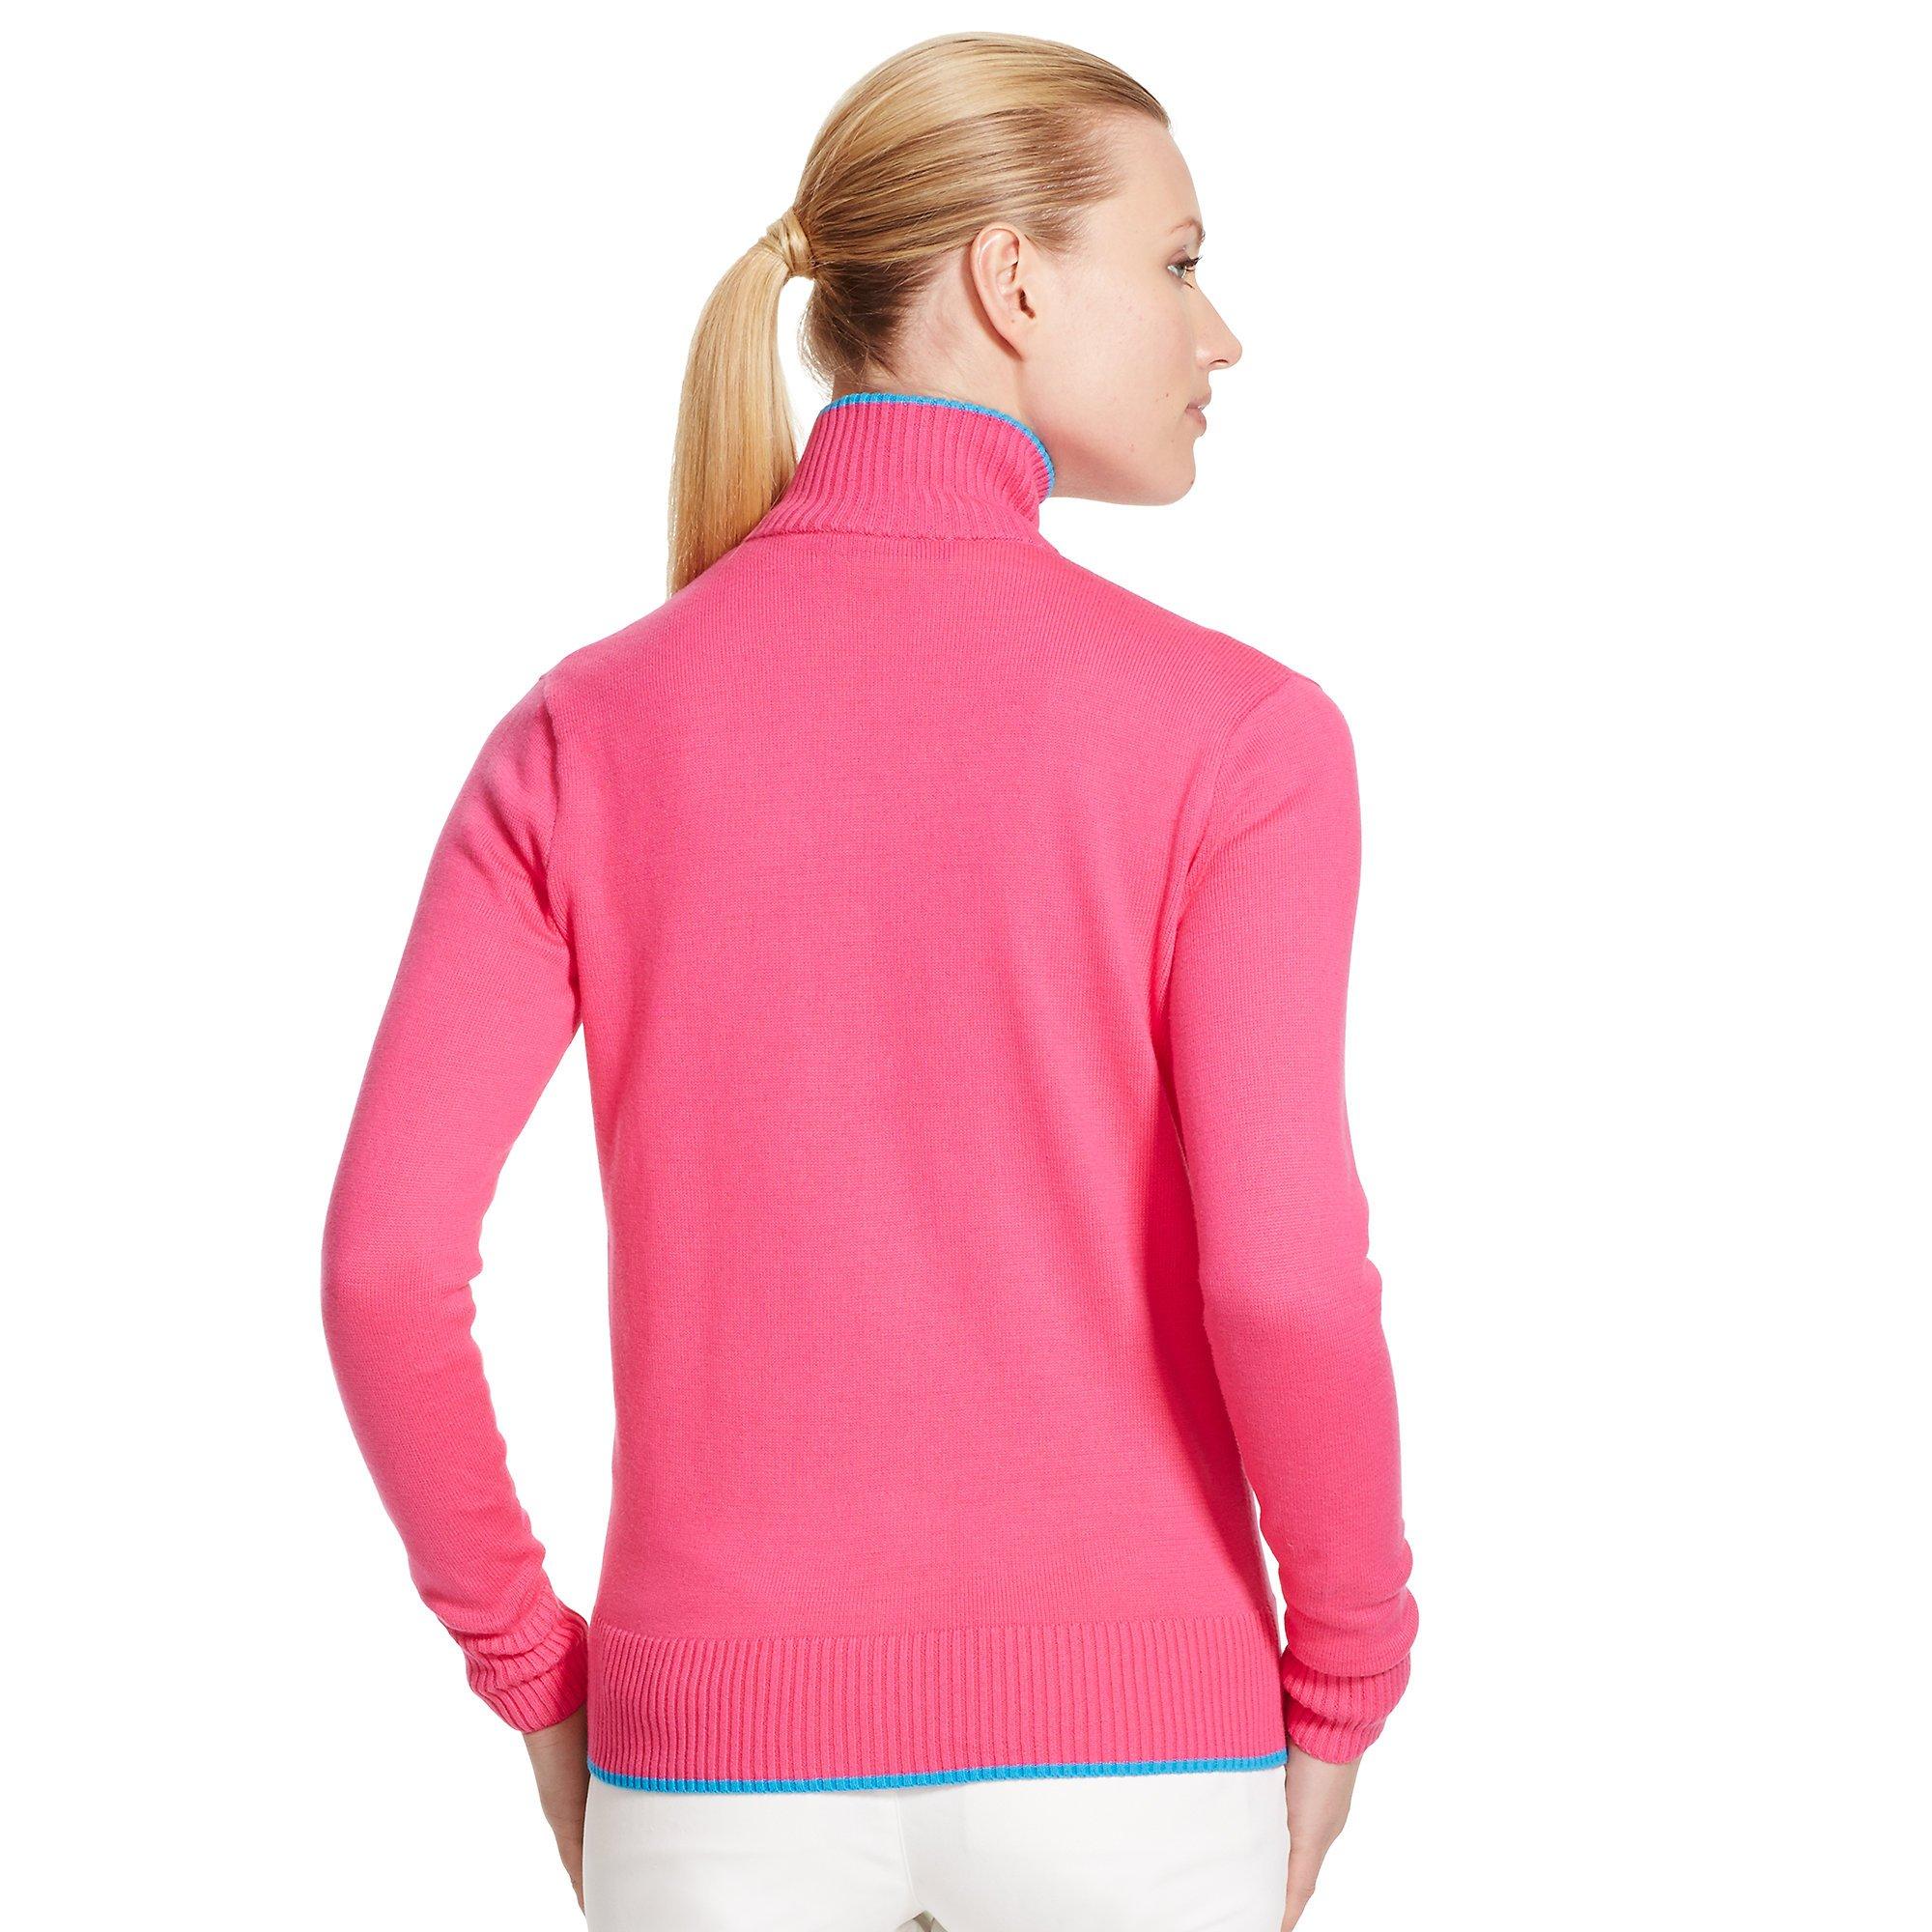 Ralph lauren golf Full-zip Mockneck Sweater in Pink | Lyst